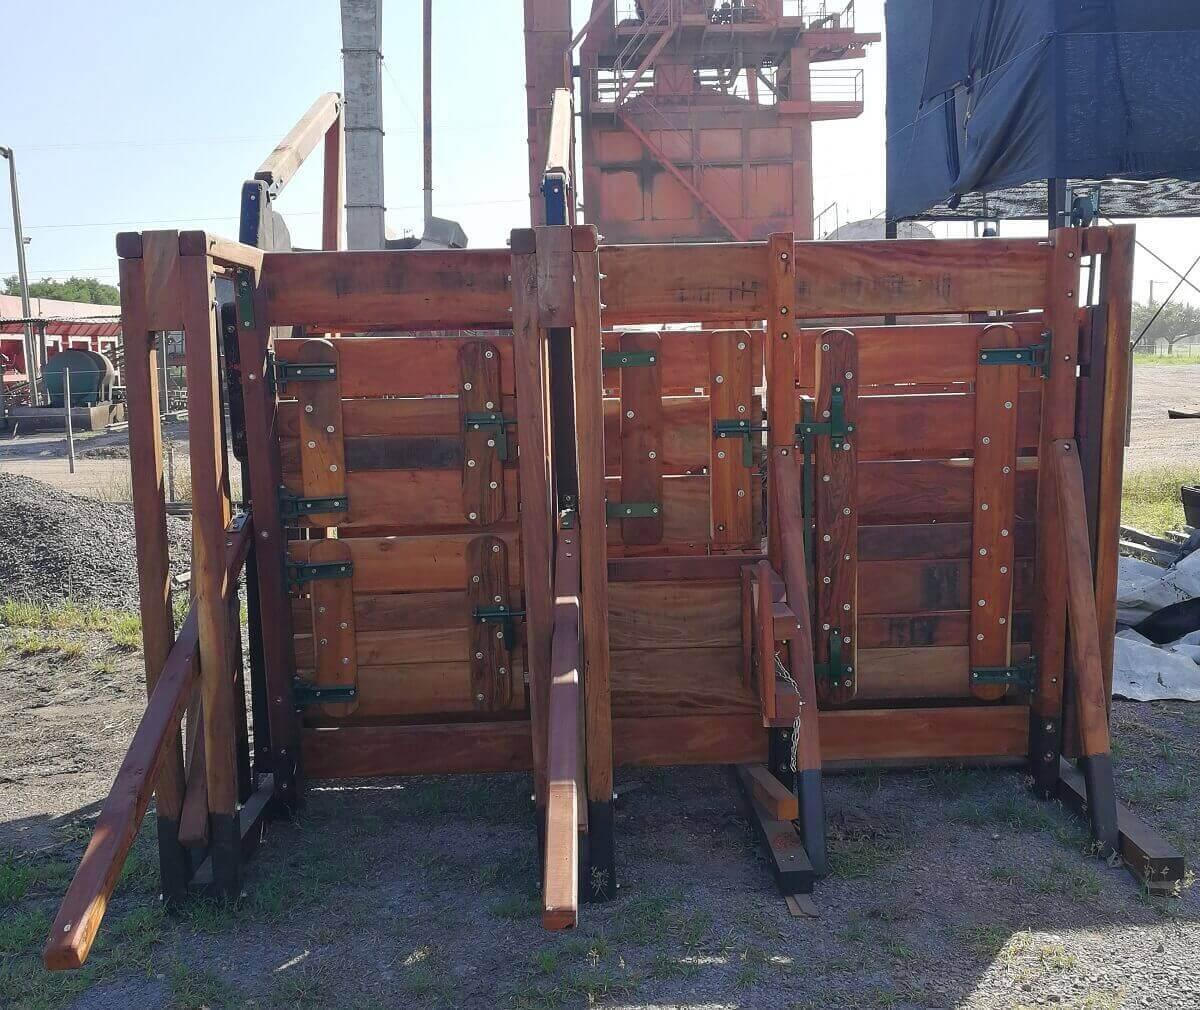 casilla de operar con puertas para manejo y bienestar de hacienda